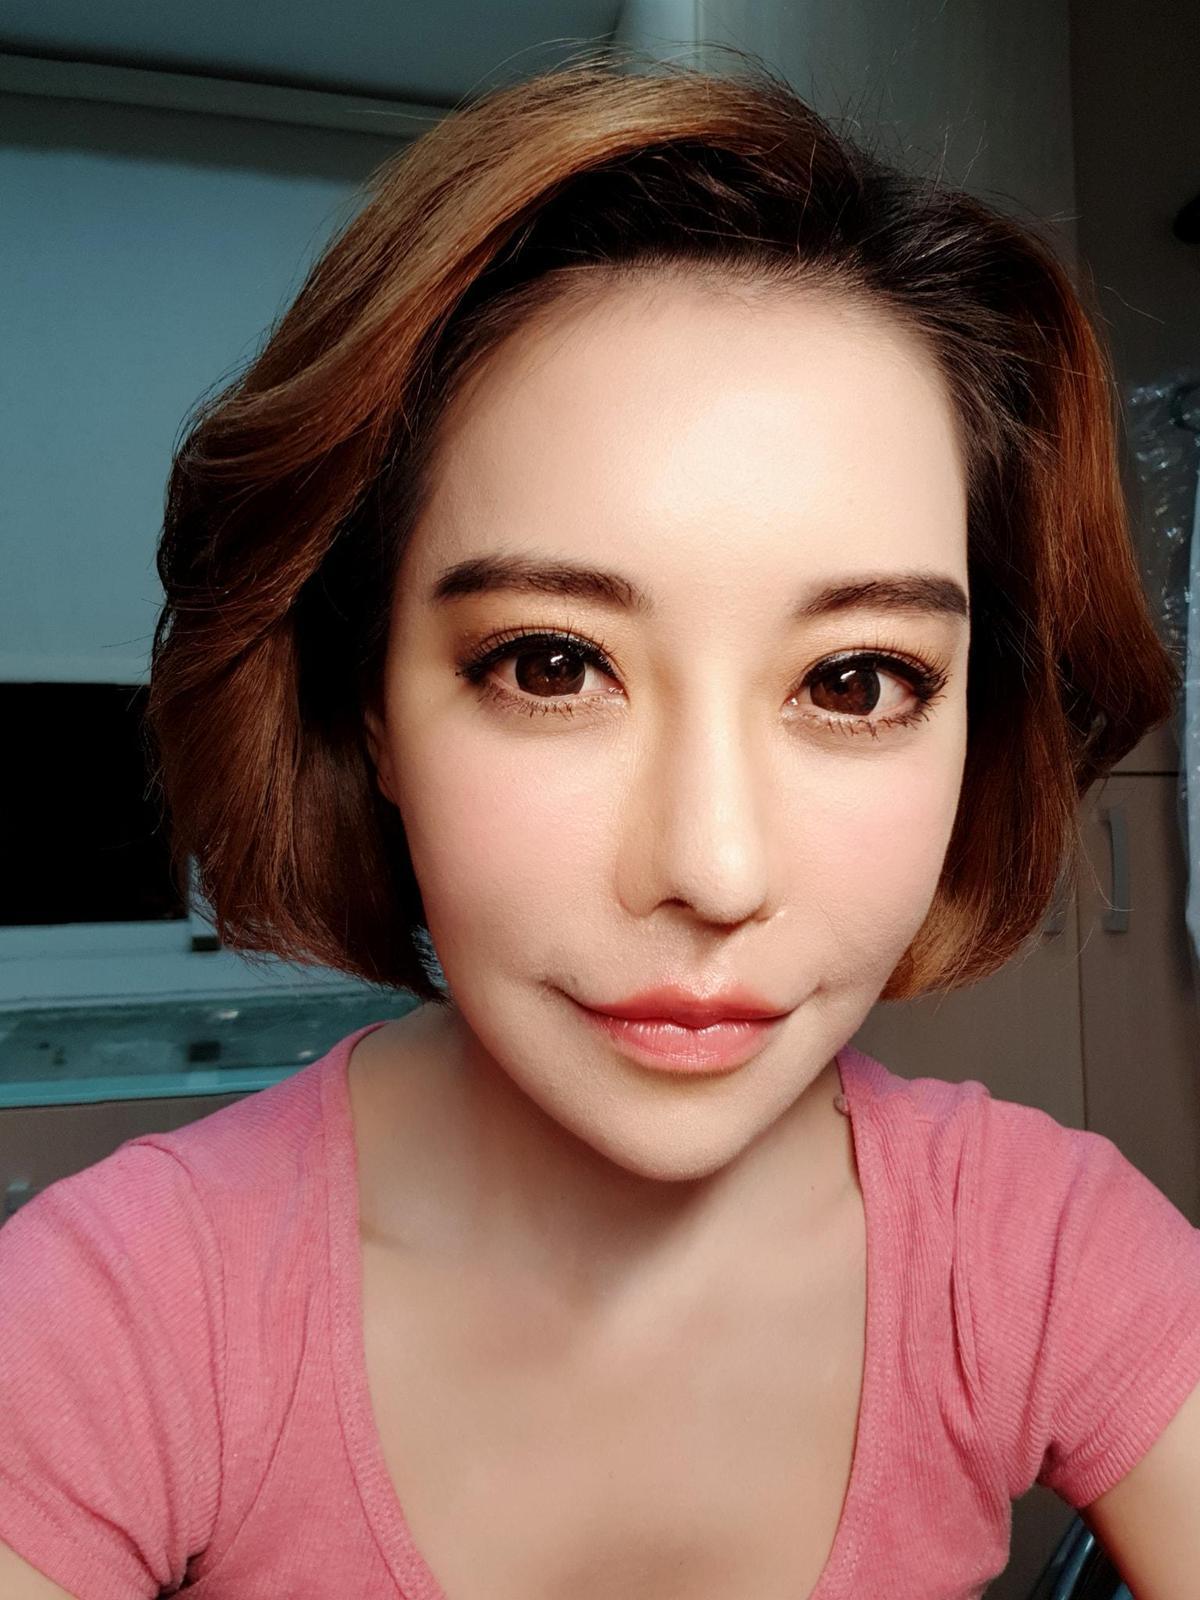 斯容前後整形超過60次,曾經花37萬赴韓國削骨,不料卻出現臉麻面僵後遺症。(翻攝自斯容臉書)